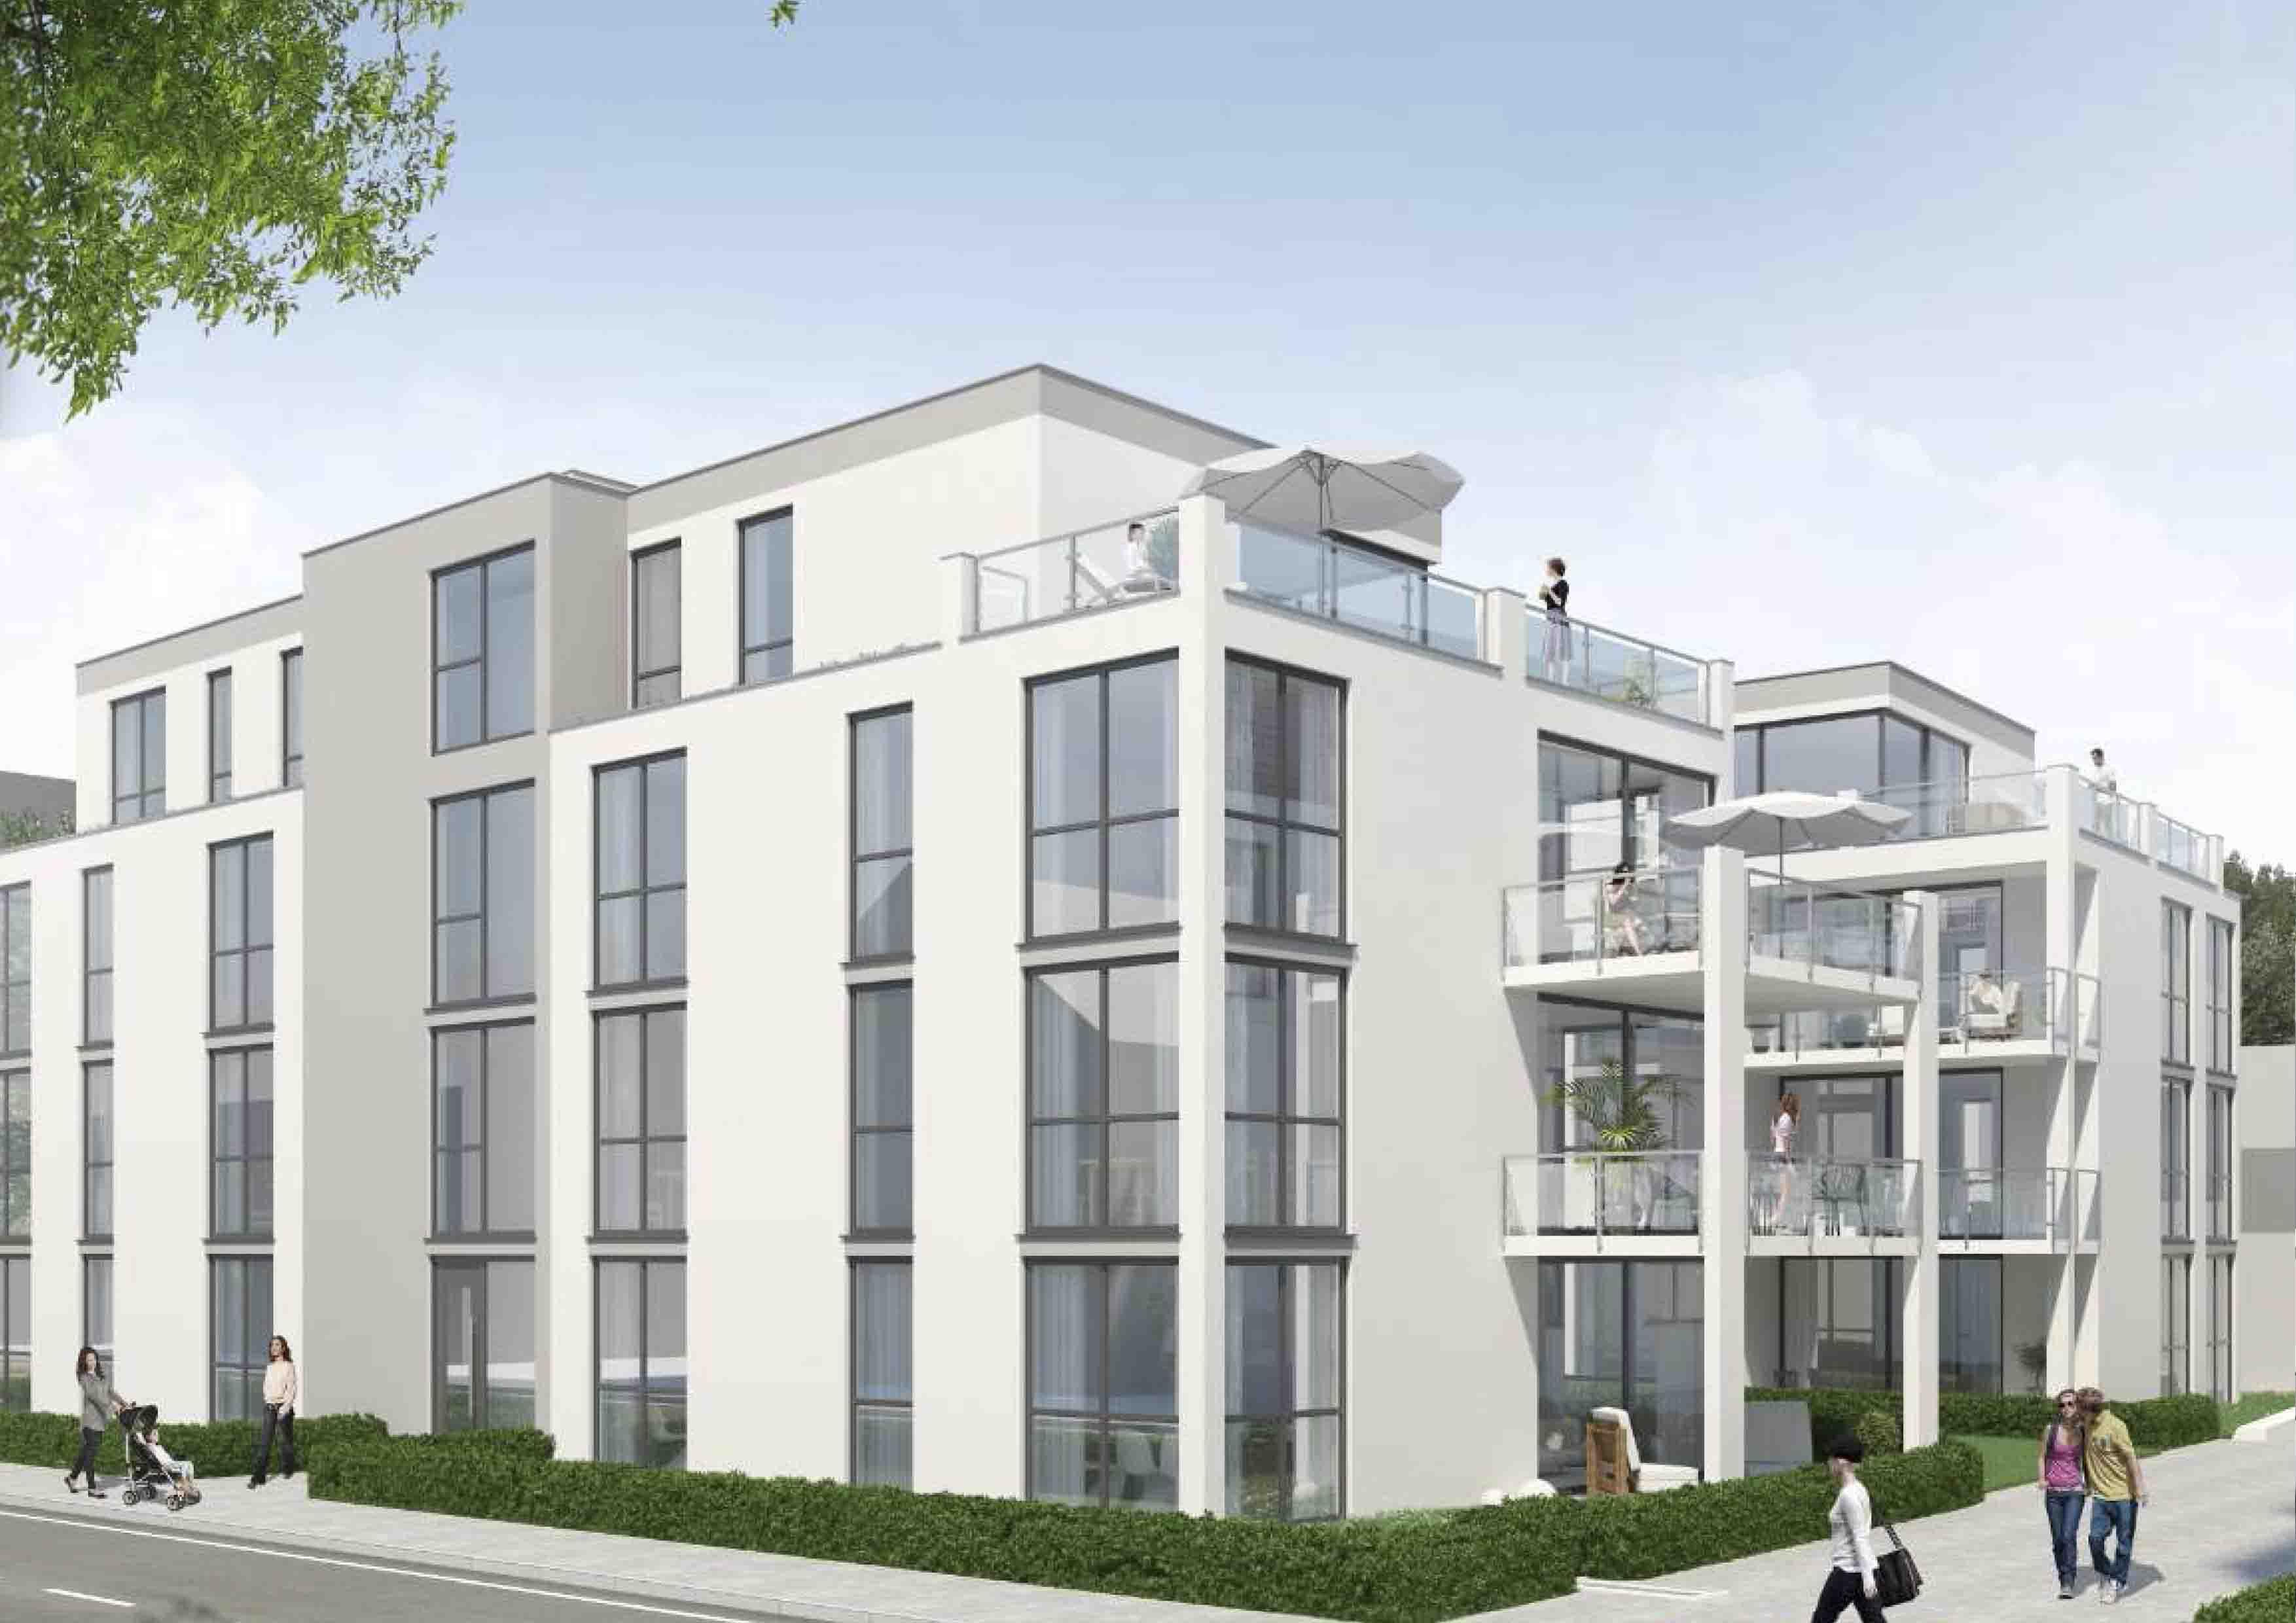 Visualisierung-Metzingen, Ulmer-Ecke Marienstraße - Haus 2